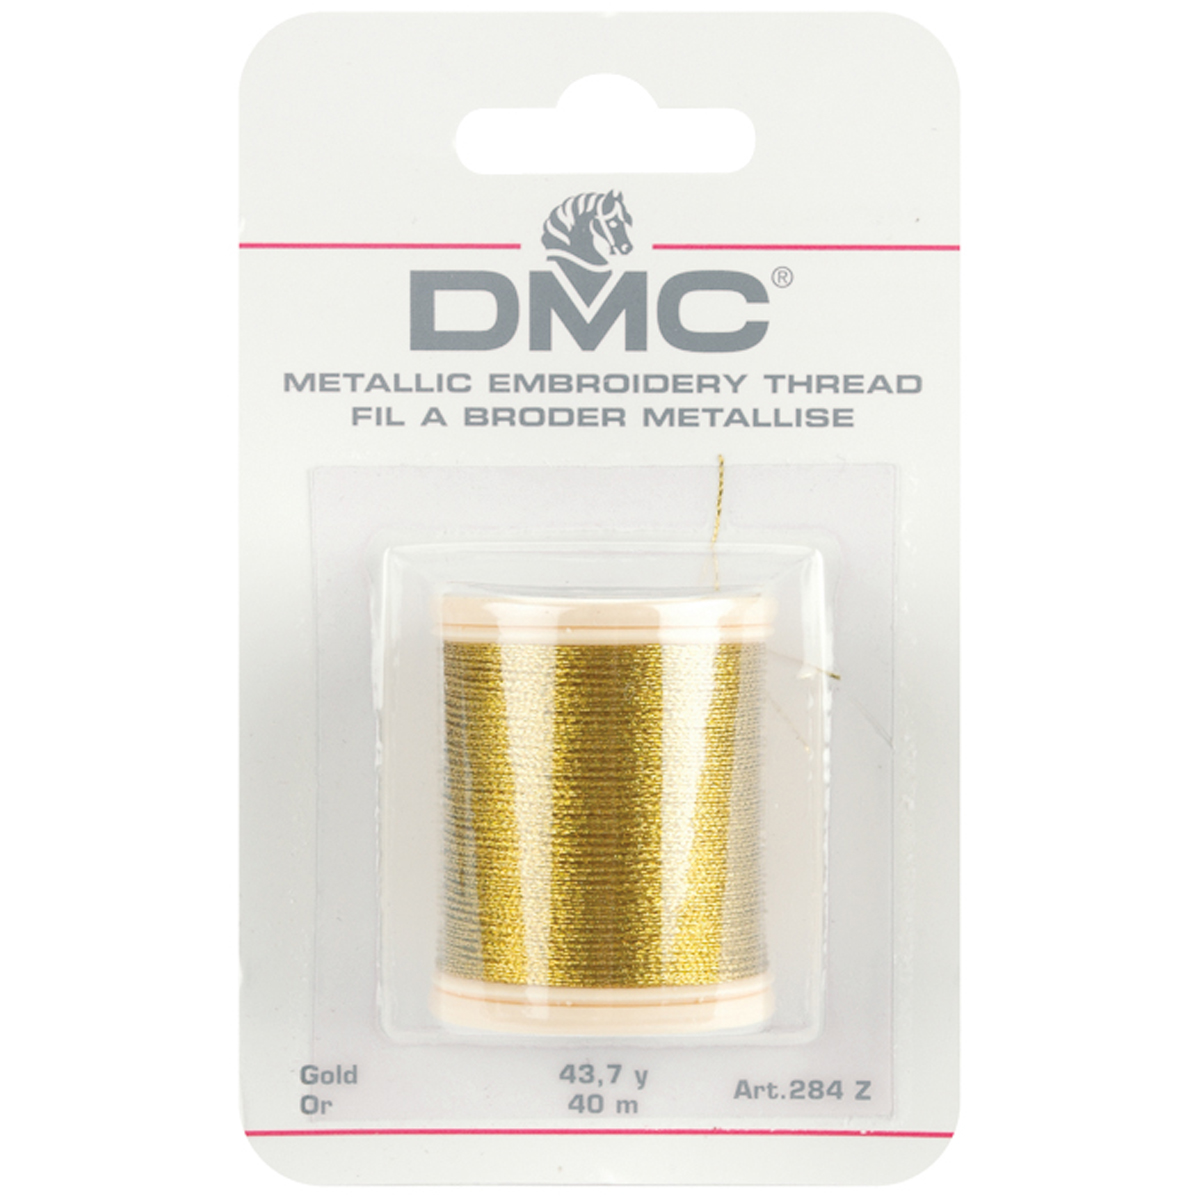 DMC Metallic Embroidery Thread 43.7yd-Gold